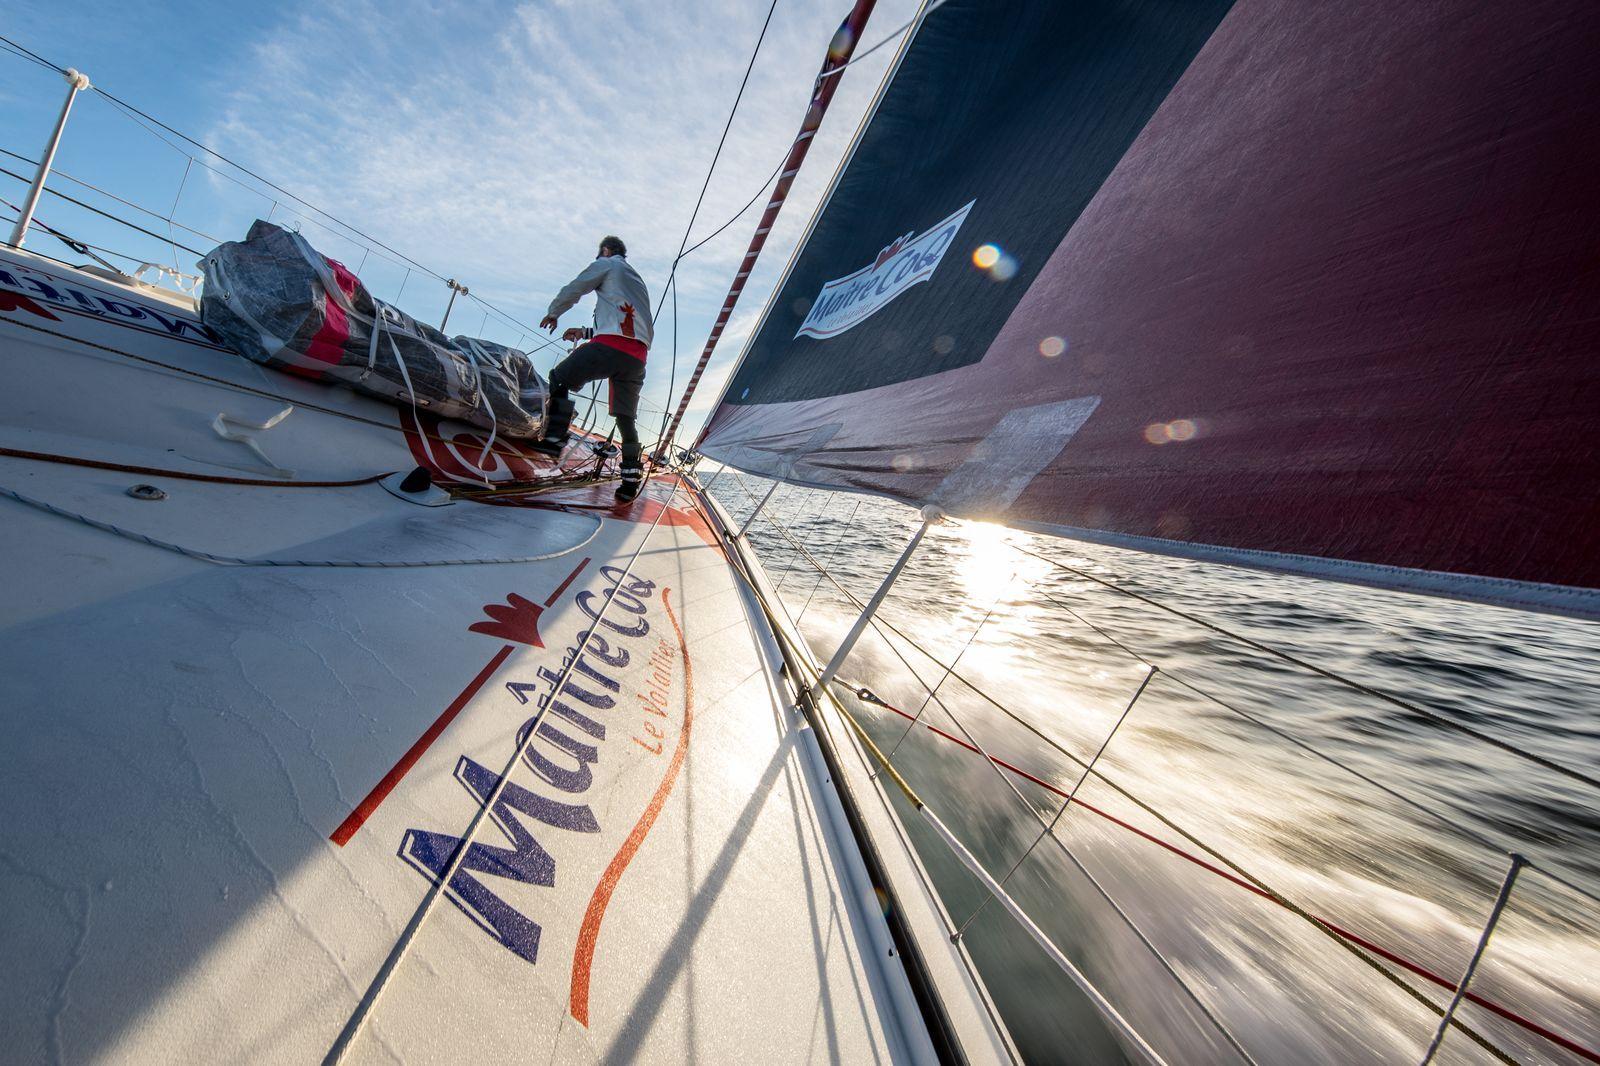 Vendée Globe 2016 - Maître CoQ - Jérémie Beyou : Jérémie Beyou dans le Pacifique